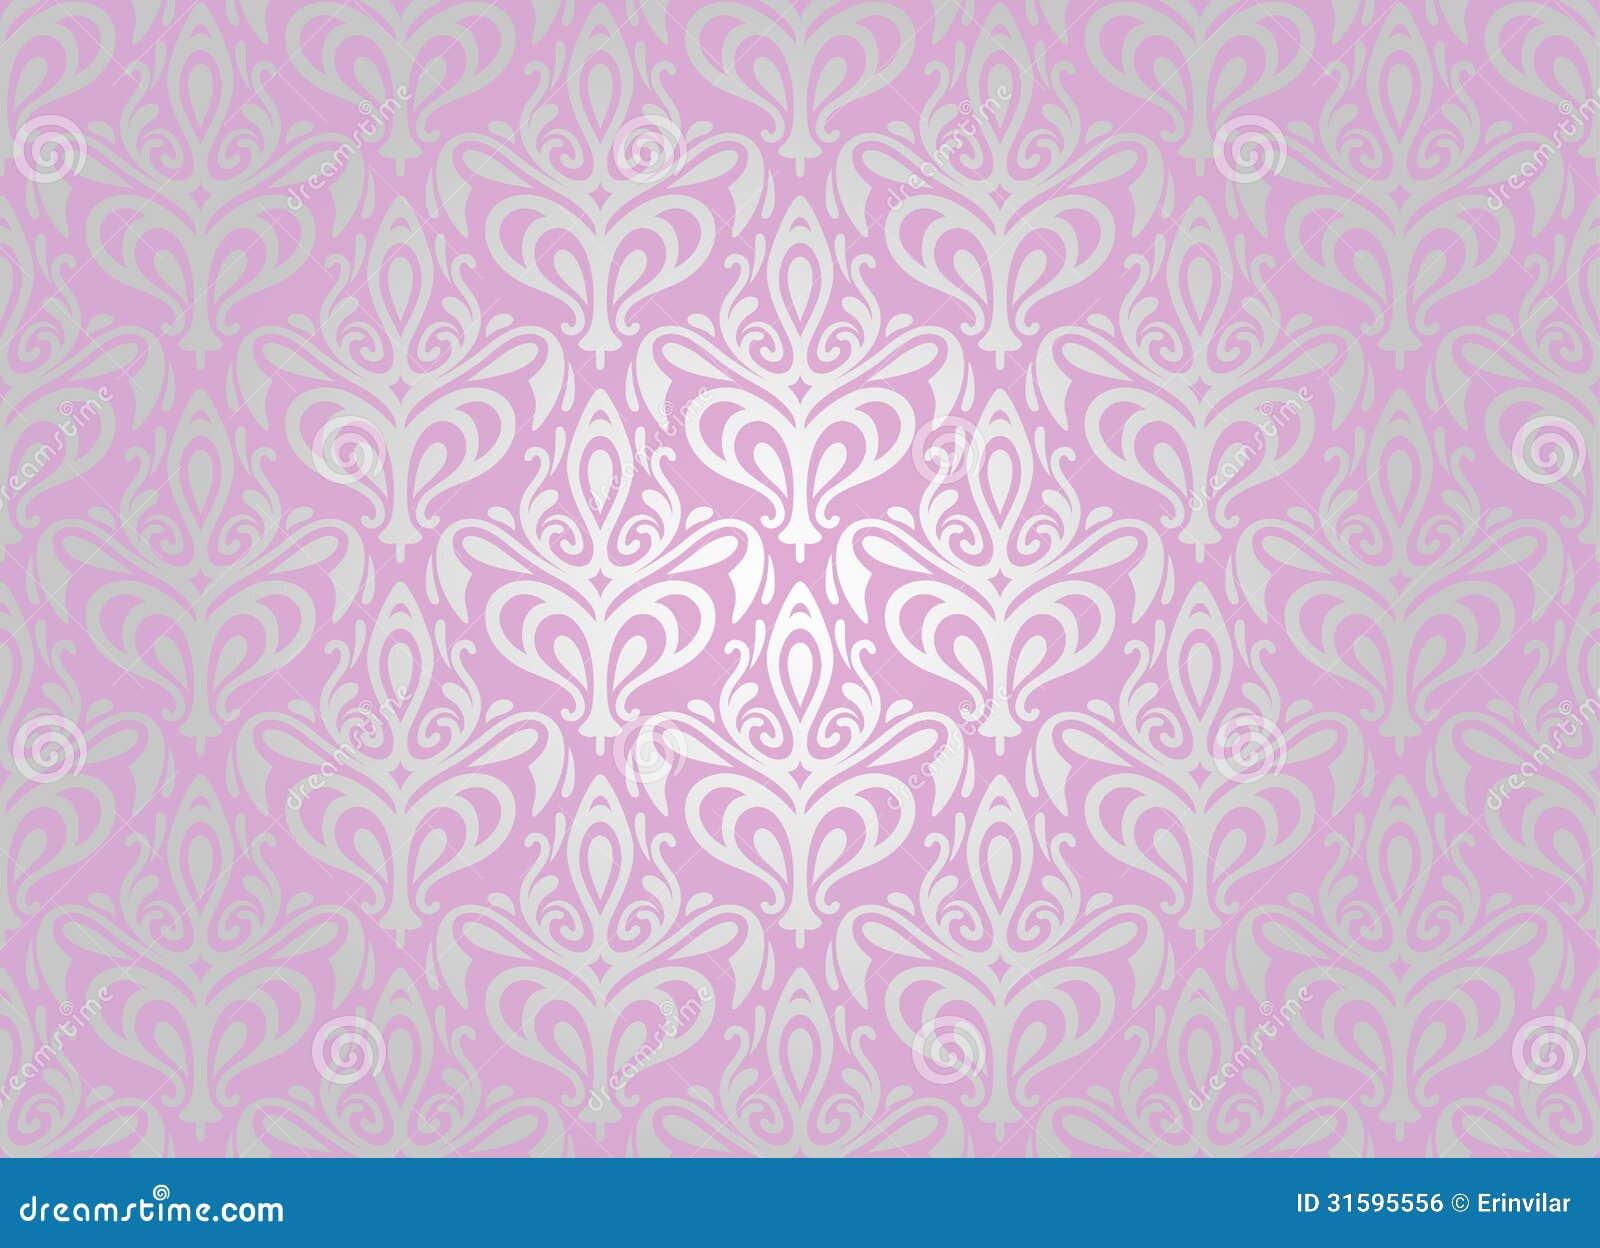 Papel de parede cor de rosa de prata imagem de stock - Papel decorativos para paredes ...